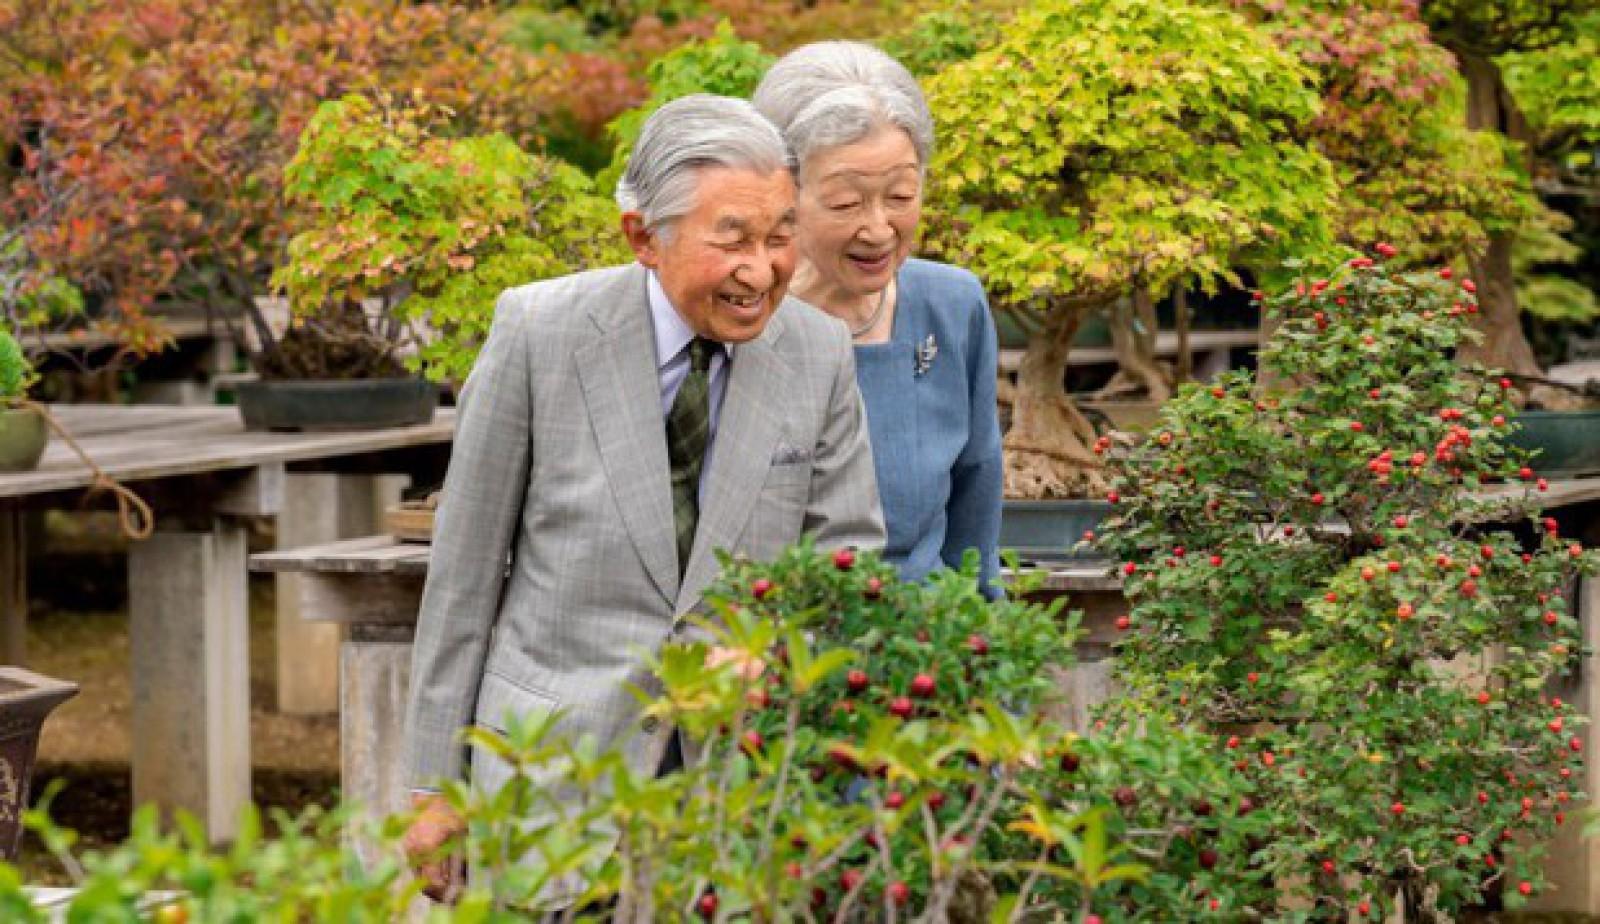 Împăratul Akihito al Japoniei, în vârstă de 84 de ani, a fost diagnosticat cu anemie cerebrală